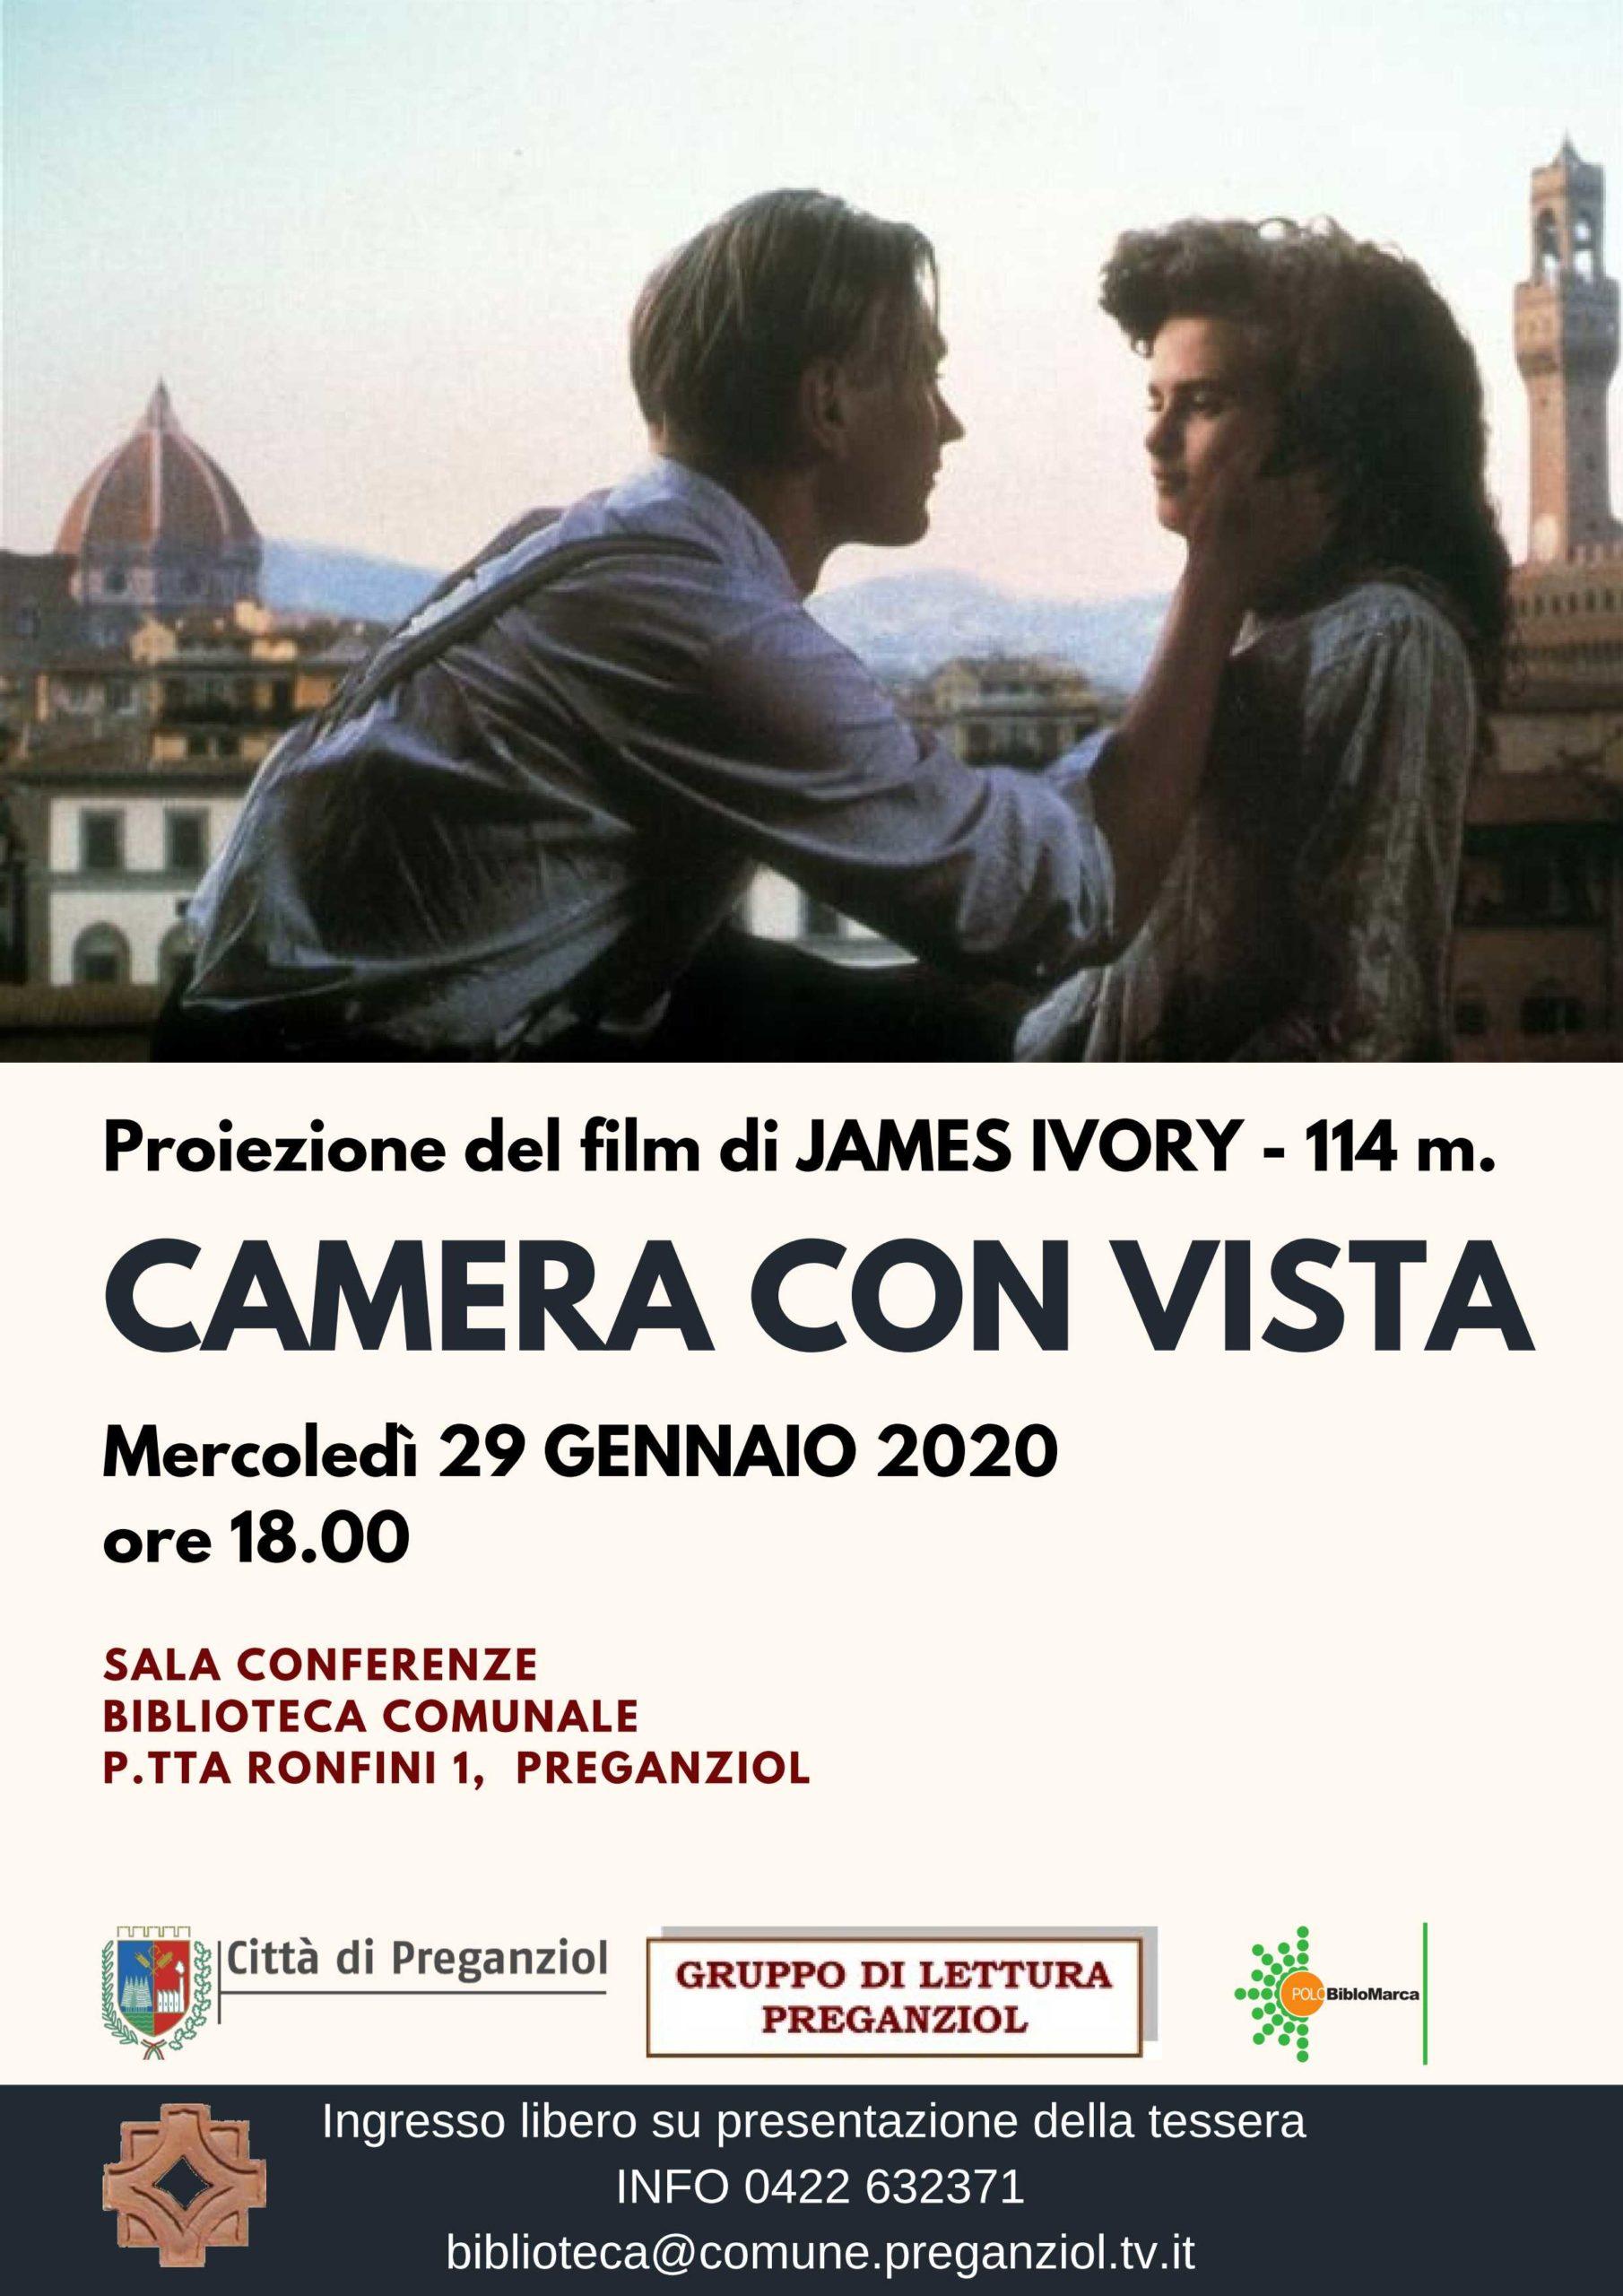 Proiezione del film CAMERA CON VISTA di James Ivory